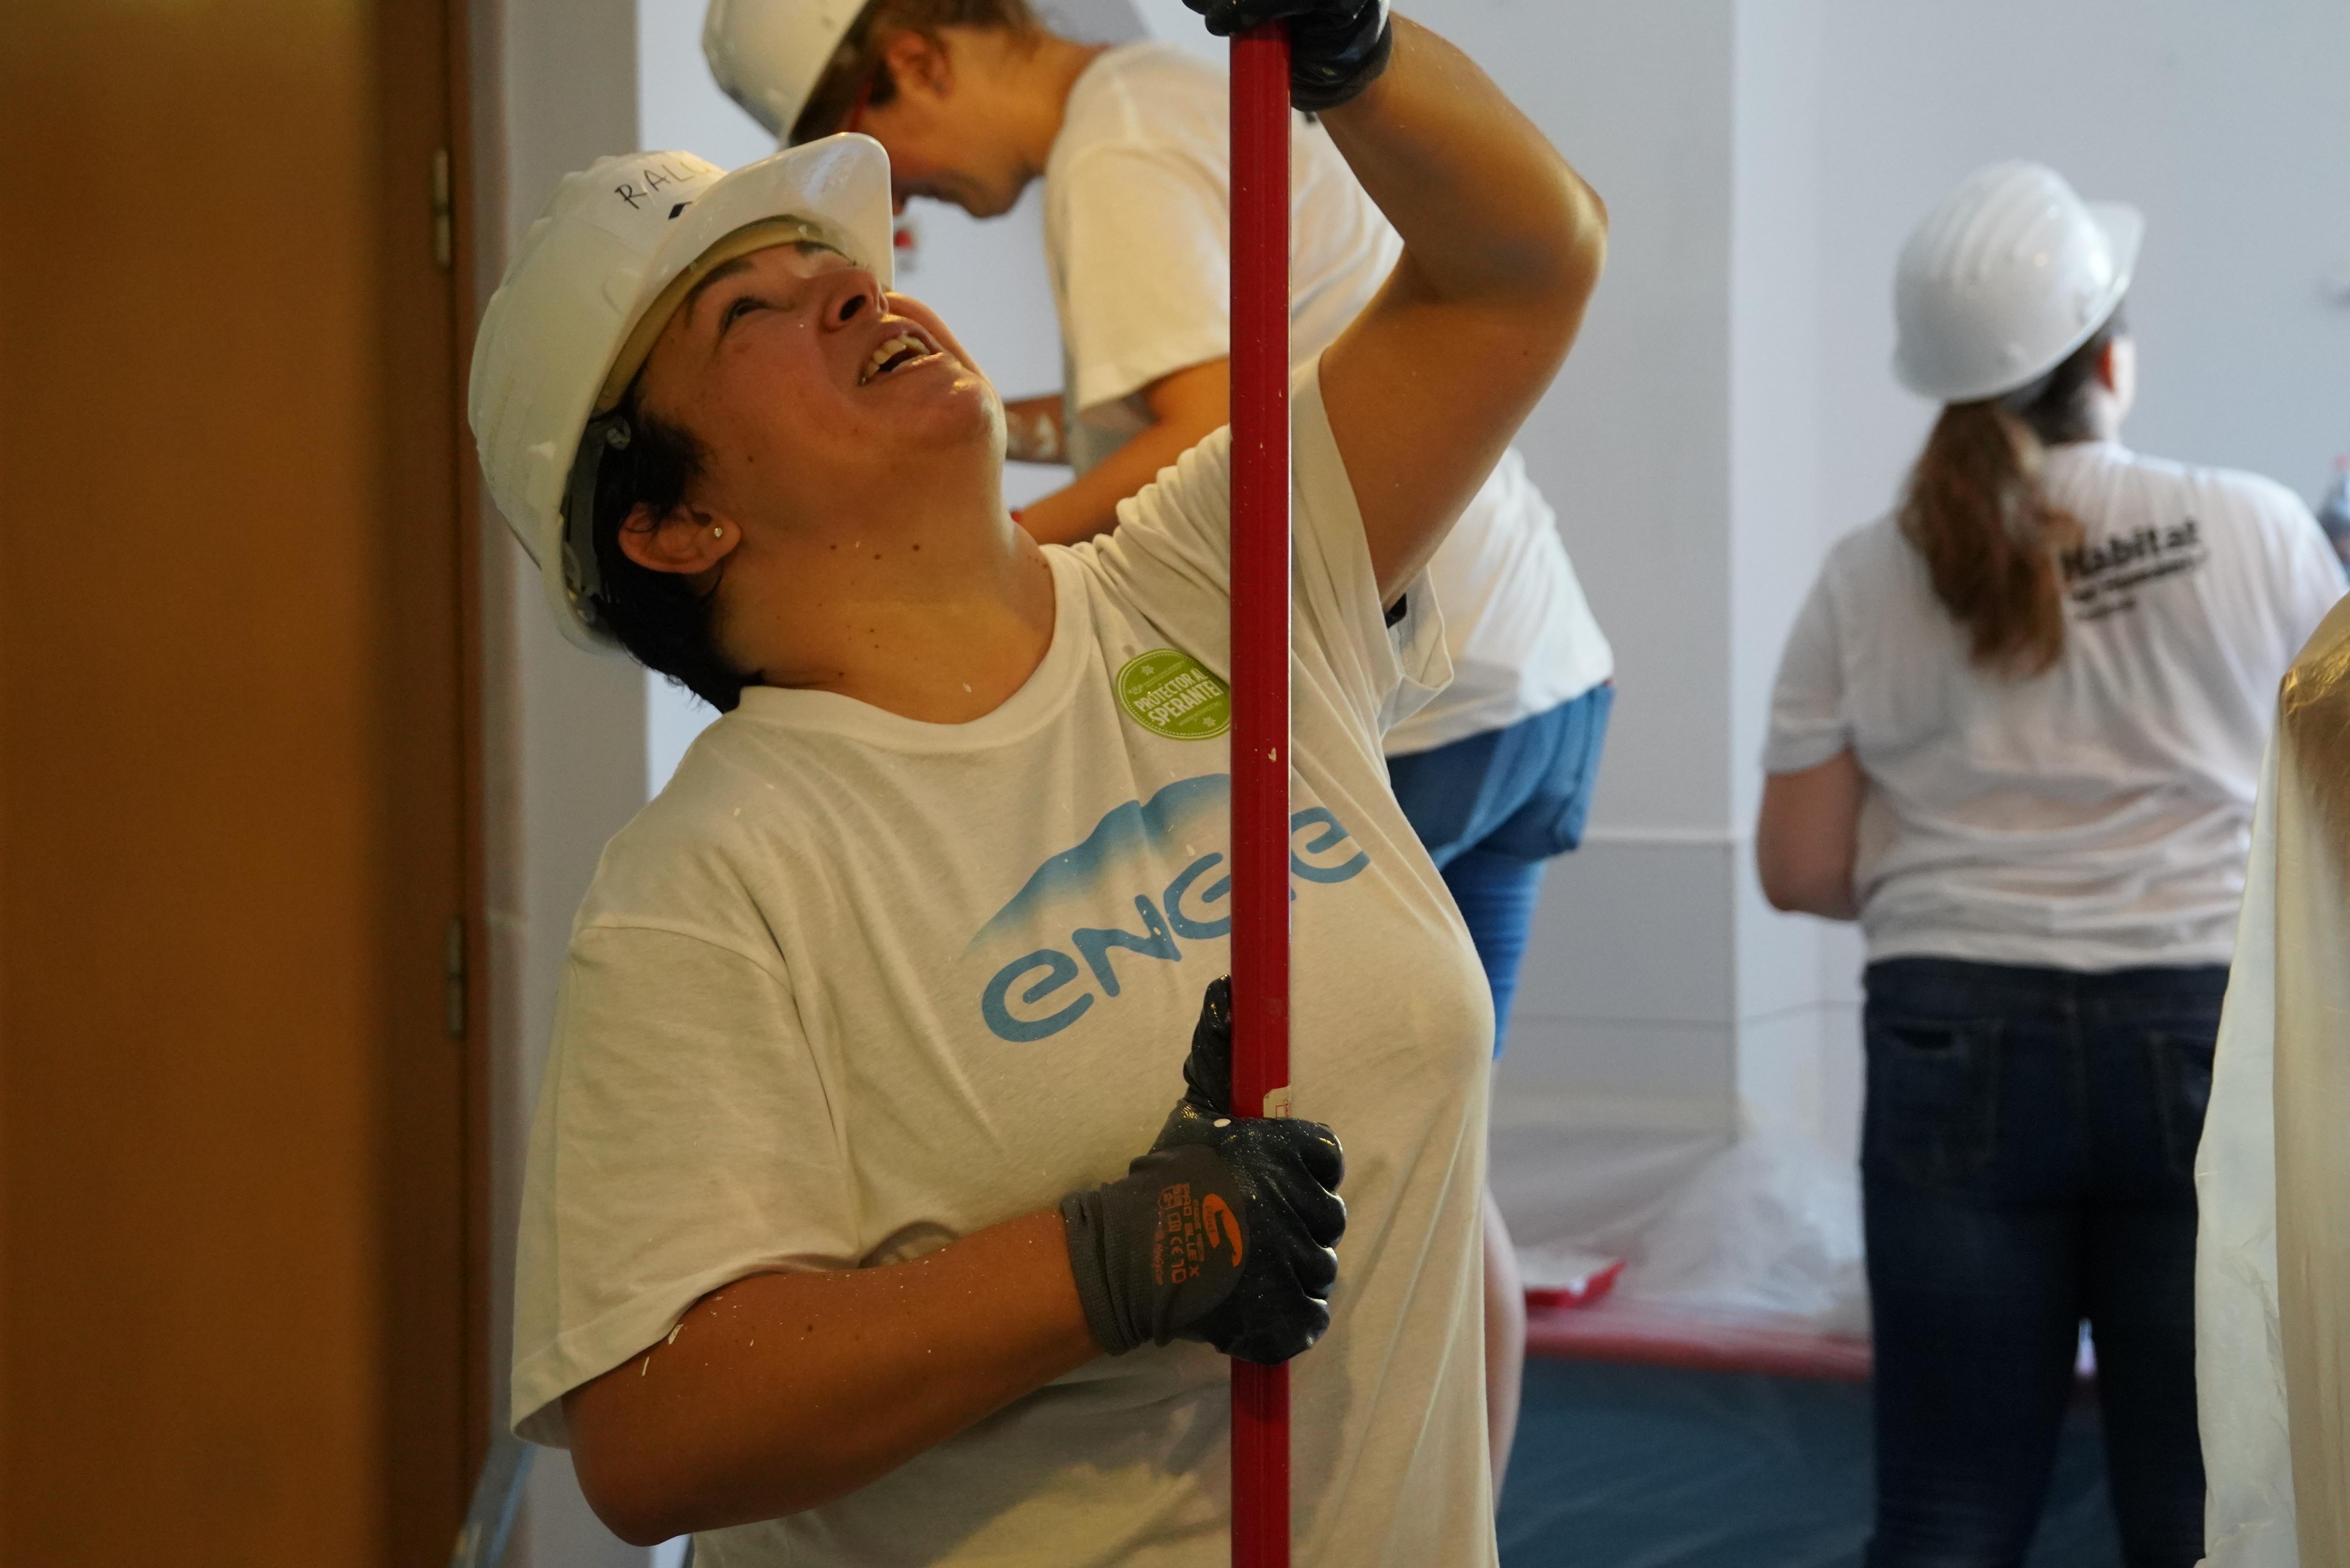 Voluntarii-ENGIE-pe-santierul-Habitat-for-Humanity-din-Brasov (3).JPG